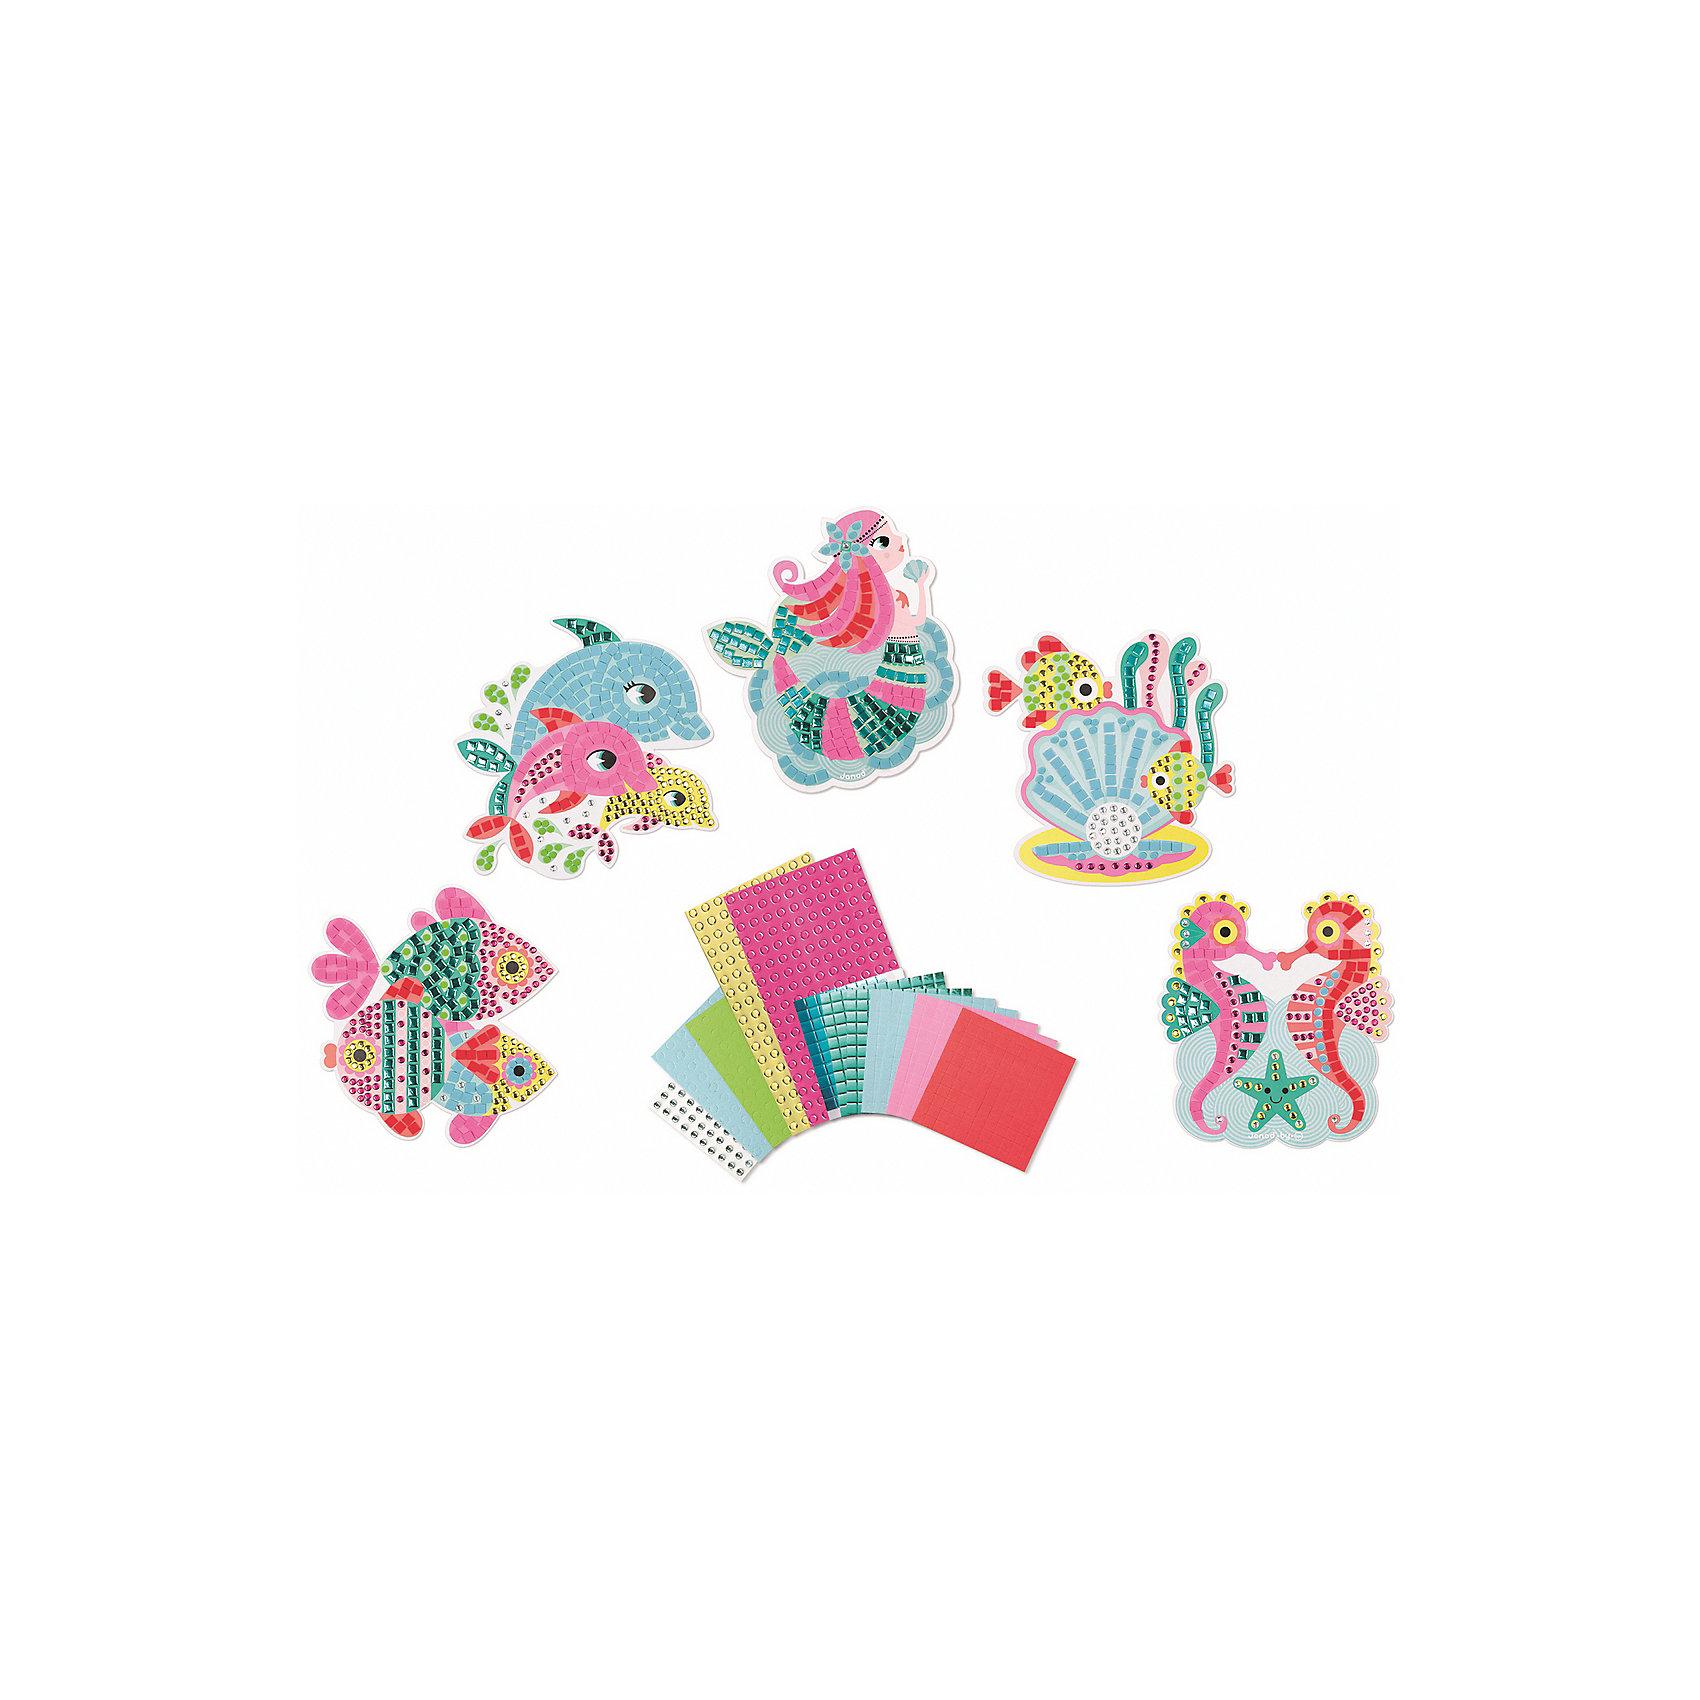 Набор для творчества: самоклеющаяся мозайка Подводное царство, 5 карточекПесочные картинки<br>Набор для творчества: самоклеящаяся мозаика Подводное царство, 5 карточек<br>5 пронумерованных цветных заготовок - картинок, 3 листа цветных квадратных наклеек «мозаика» (7x7 мм.), 2 листа цветных круглых наклеек «мозайка» (? 5 мм.), 2 листа цветных, блестящих, квадратных наклеек «мозаика» (7x7 мм.), 2 листа цветных, блестящих круглых наклеек «мозайка» (? 5 мм.), 1 лист с круглыми разноцветными наклейками-стразами (? 6 мм.), 1 удобный чемоданчик для хранения.<br>Цветной буклет - инструкция на русском языке входит в состав всех наборов для творчества<br><br>Ширина мм: 26<br>Глубина мм: 21<br>Высота мм: 4<br>Вес г: 600<br>Возраст от месяцев: 48<br>Возраст до месяцев: 2147483647<br>Пол: Унисекс<br>Возраст: Детский<br>SKU: 4871830